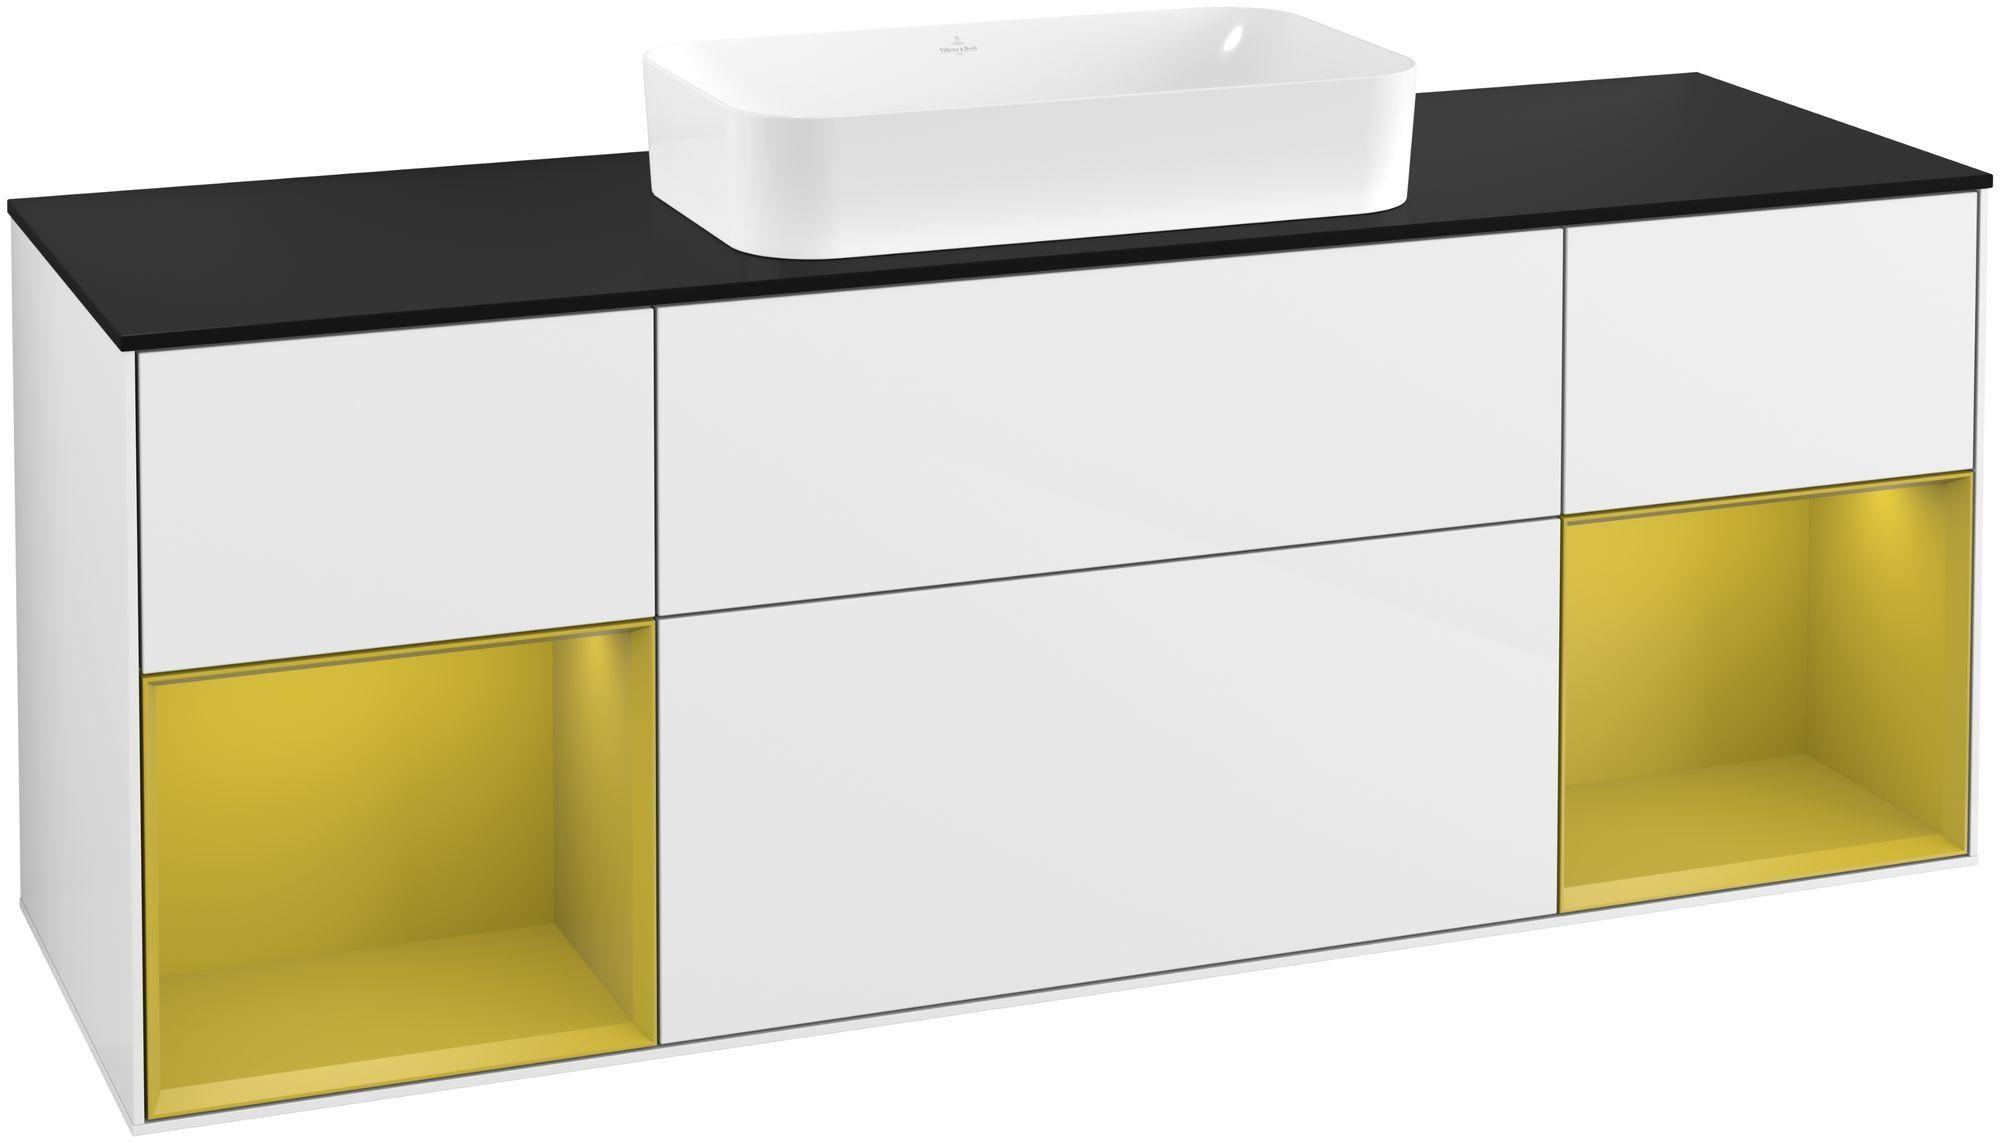 Villeroy & Boch Finion G33 Waschtischunterschrank mit Regalelement 4 Auszüge Waschtisch mittig LED-Beleuchtung B:160xH:60,3xT:50,1cm Front, Korpus: Glossy White Lack, Regal: Sun, Glasplatte: Black Matt G332HEGF